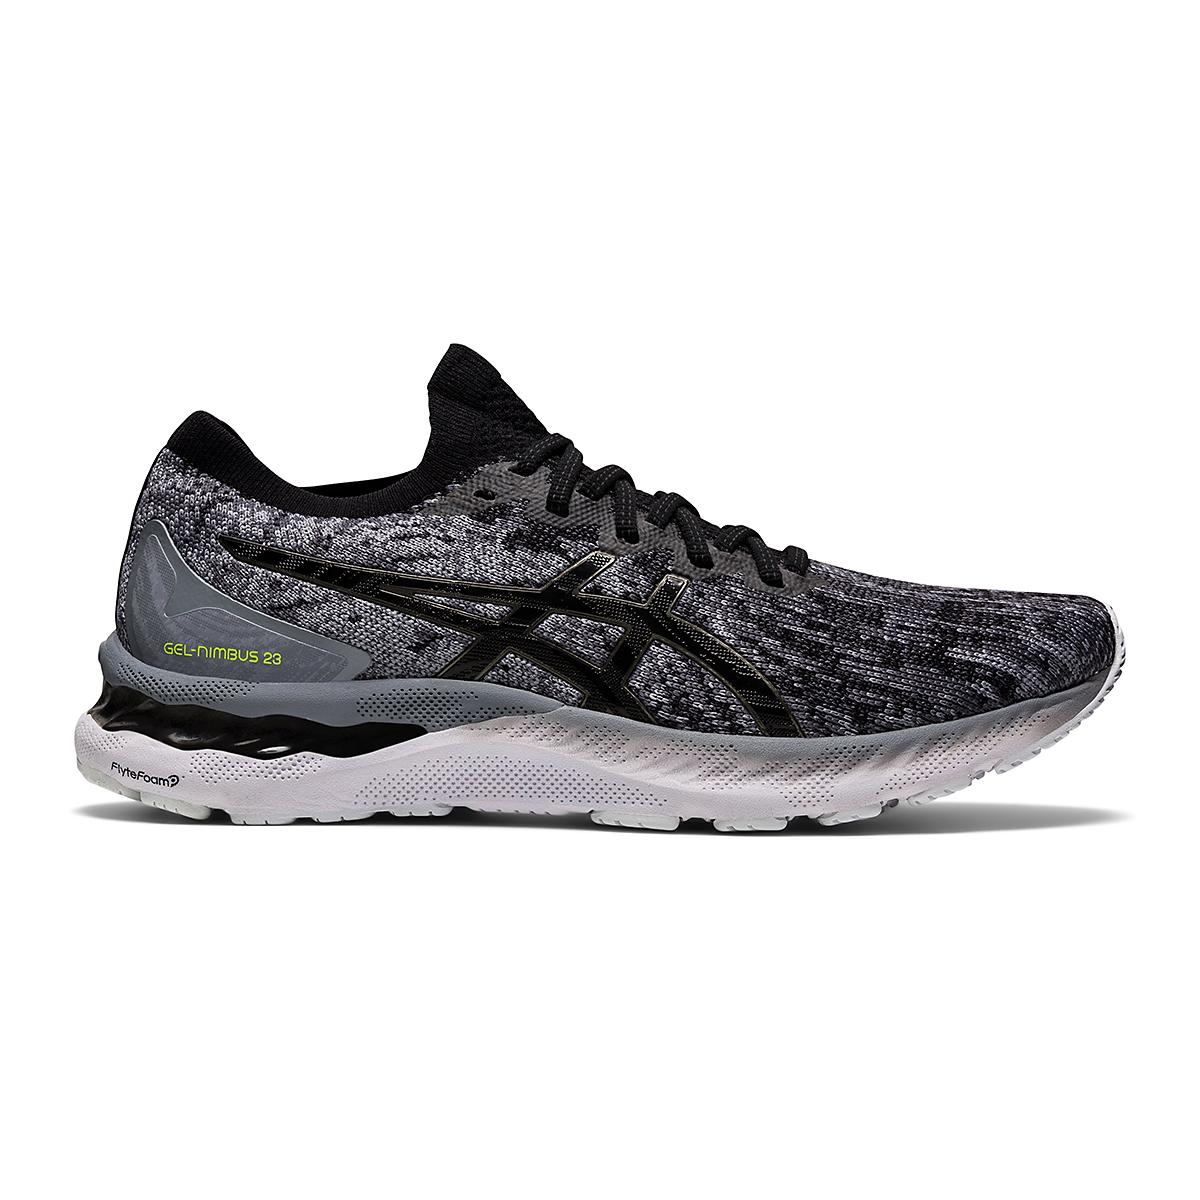 Men's Asics Gel-Nimbus 23 Knit Running Shoe - Color: Sheet Rock/Black - Size: 7 - Width: Regular, Sheet Rock/Black, large, image 1